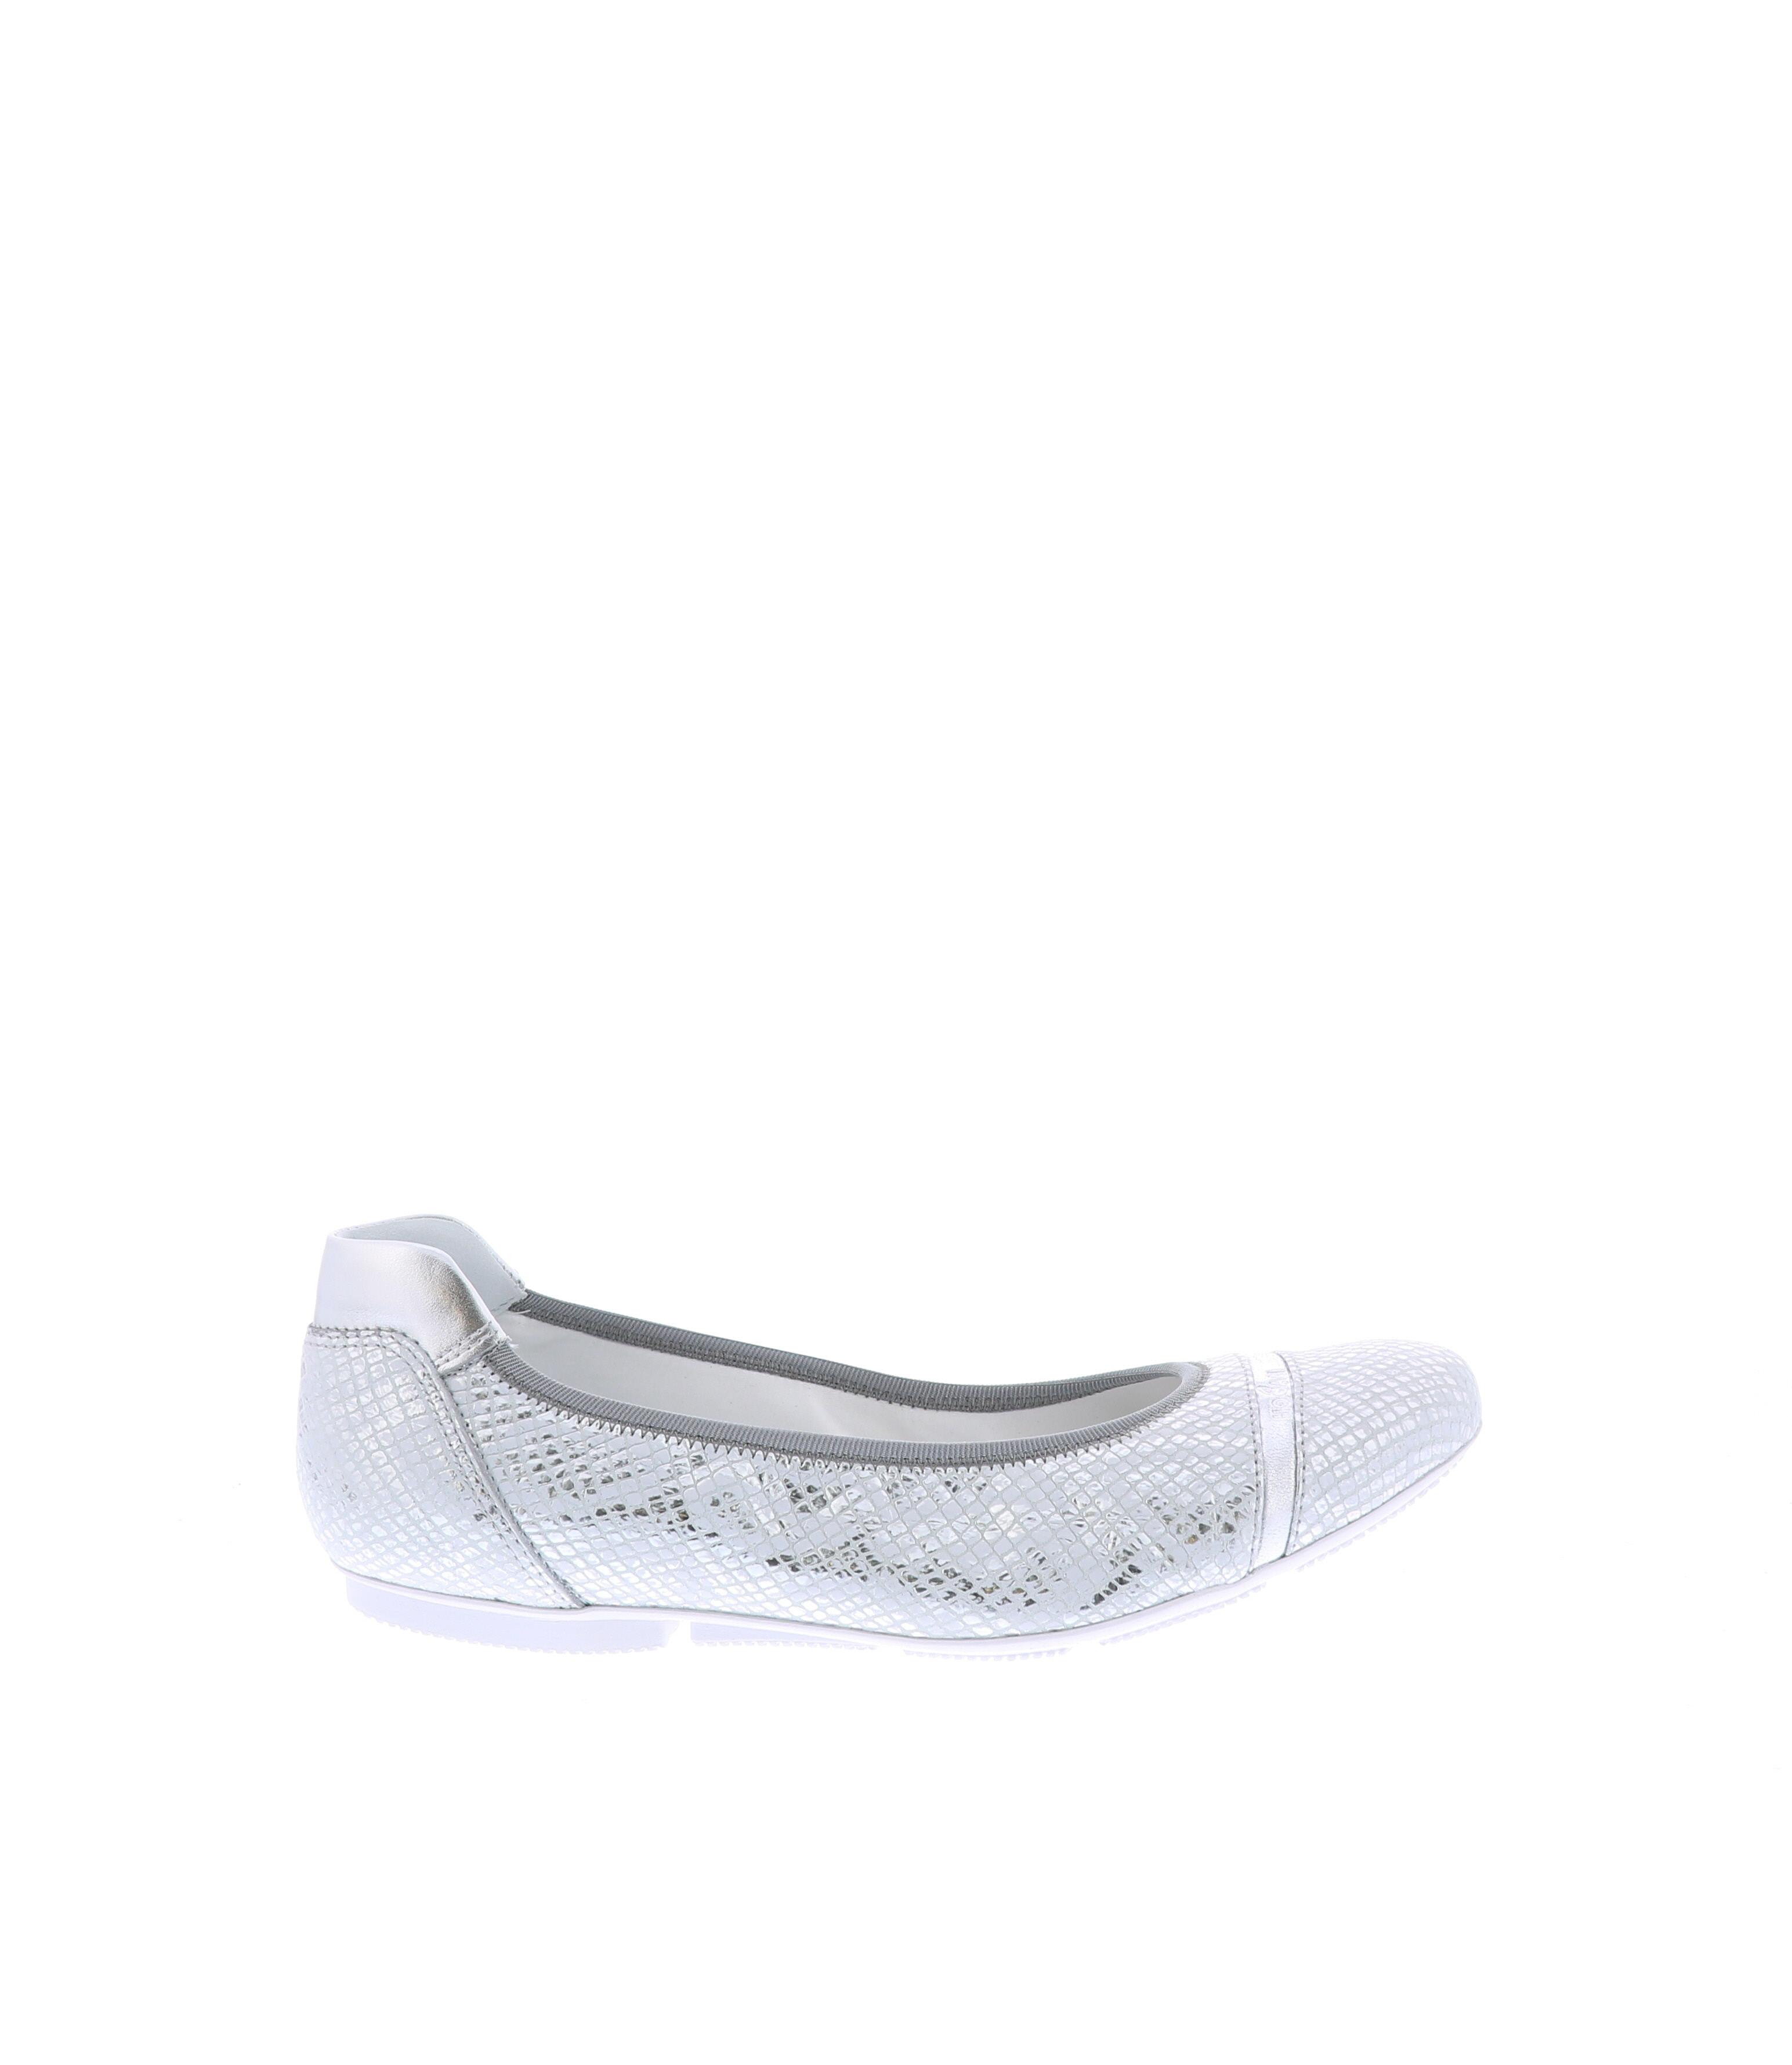 Grijs Outlet Store Online Gratis Verzending Vele Soorten Wrap H144 Silver origineel Originele Online Te Koop Gratis Verzending De Goedkoopste pYSf51